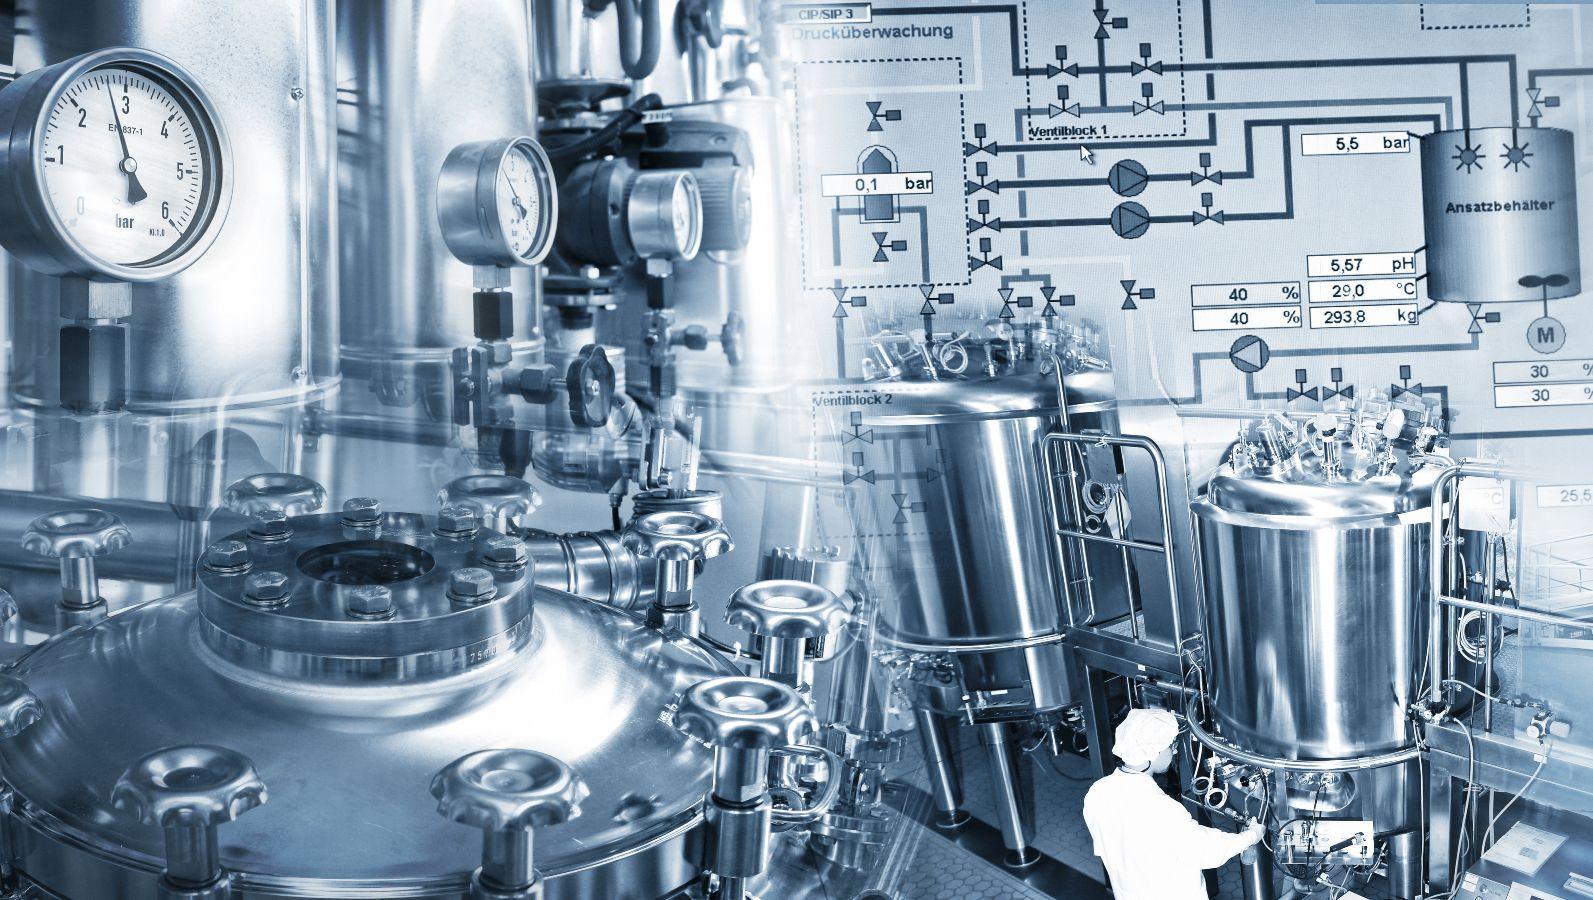 Zusammenschnitt: Chemieanlage, chemisches Labor mit diversen Laborgeräten in schwarz-weiß